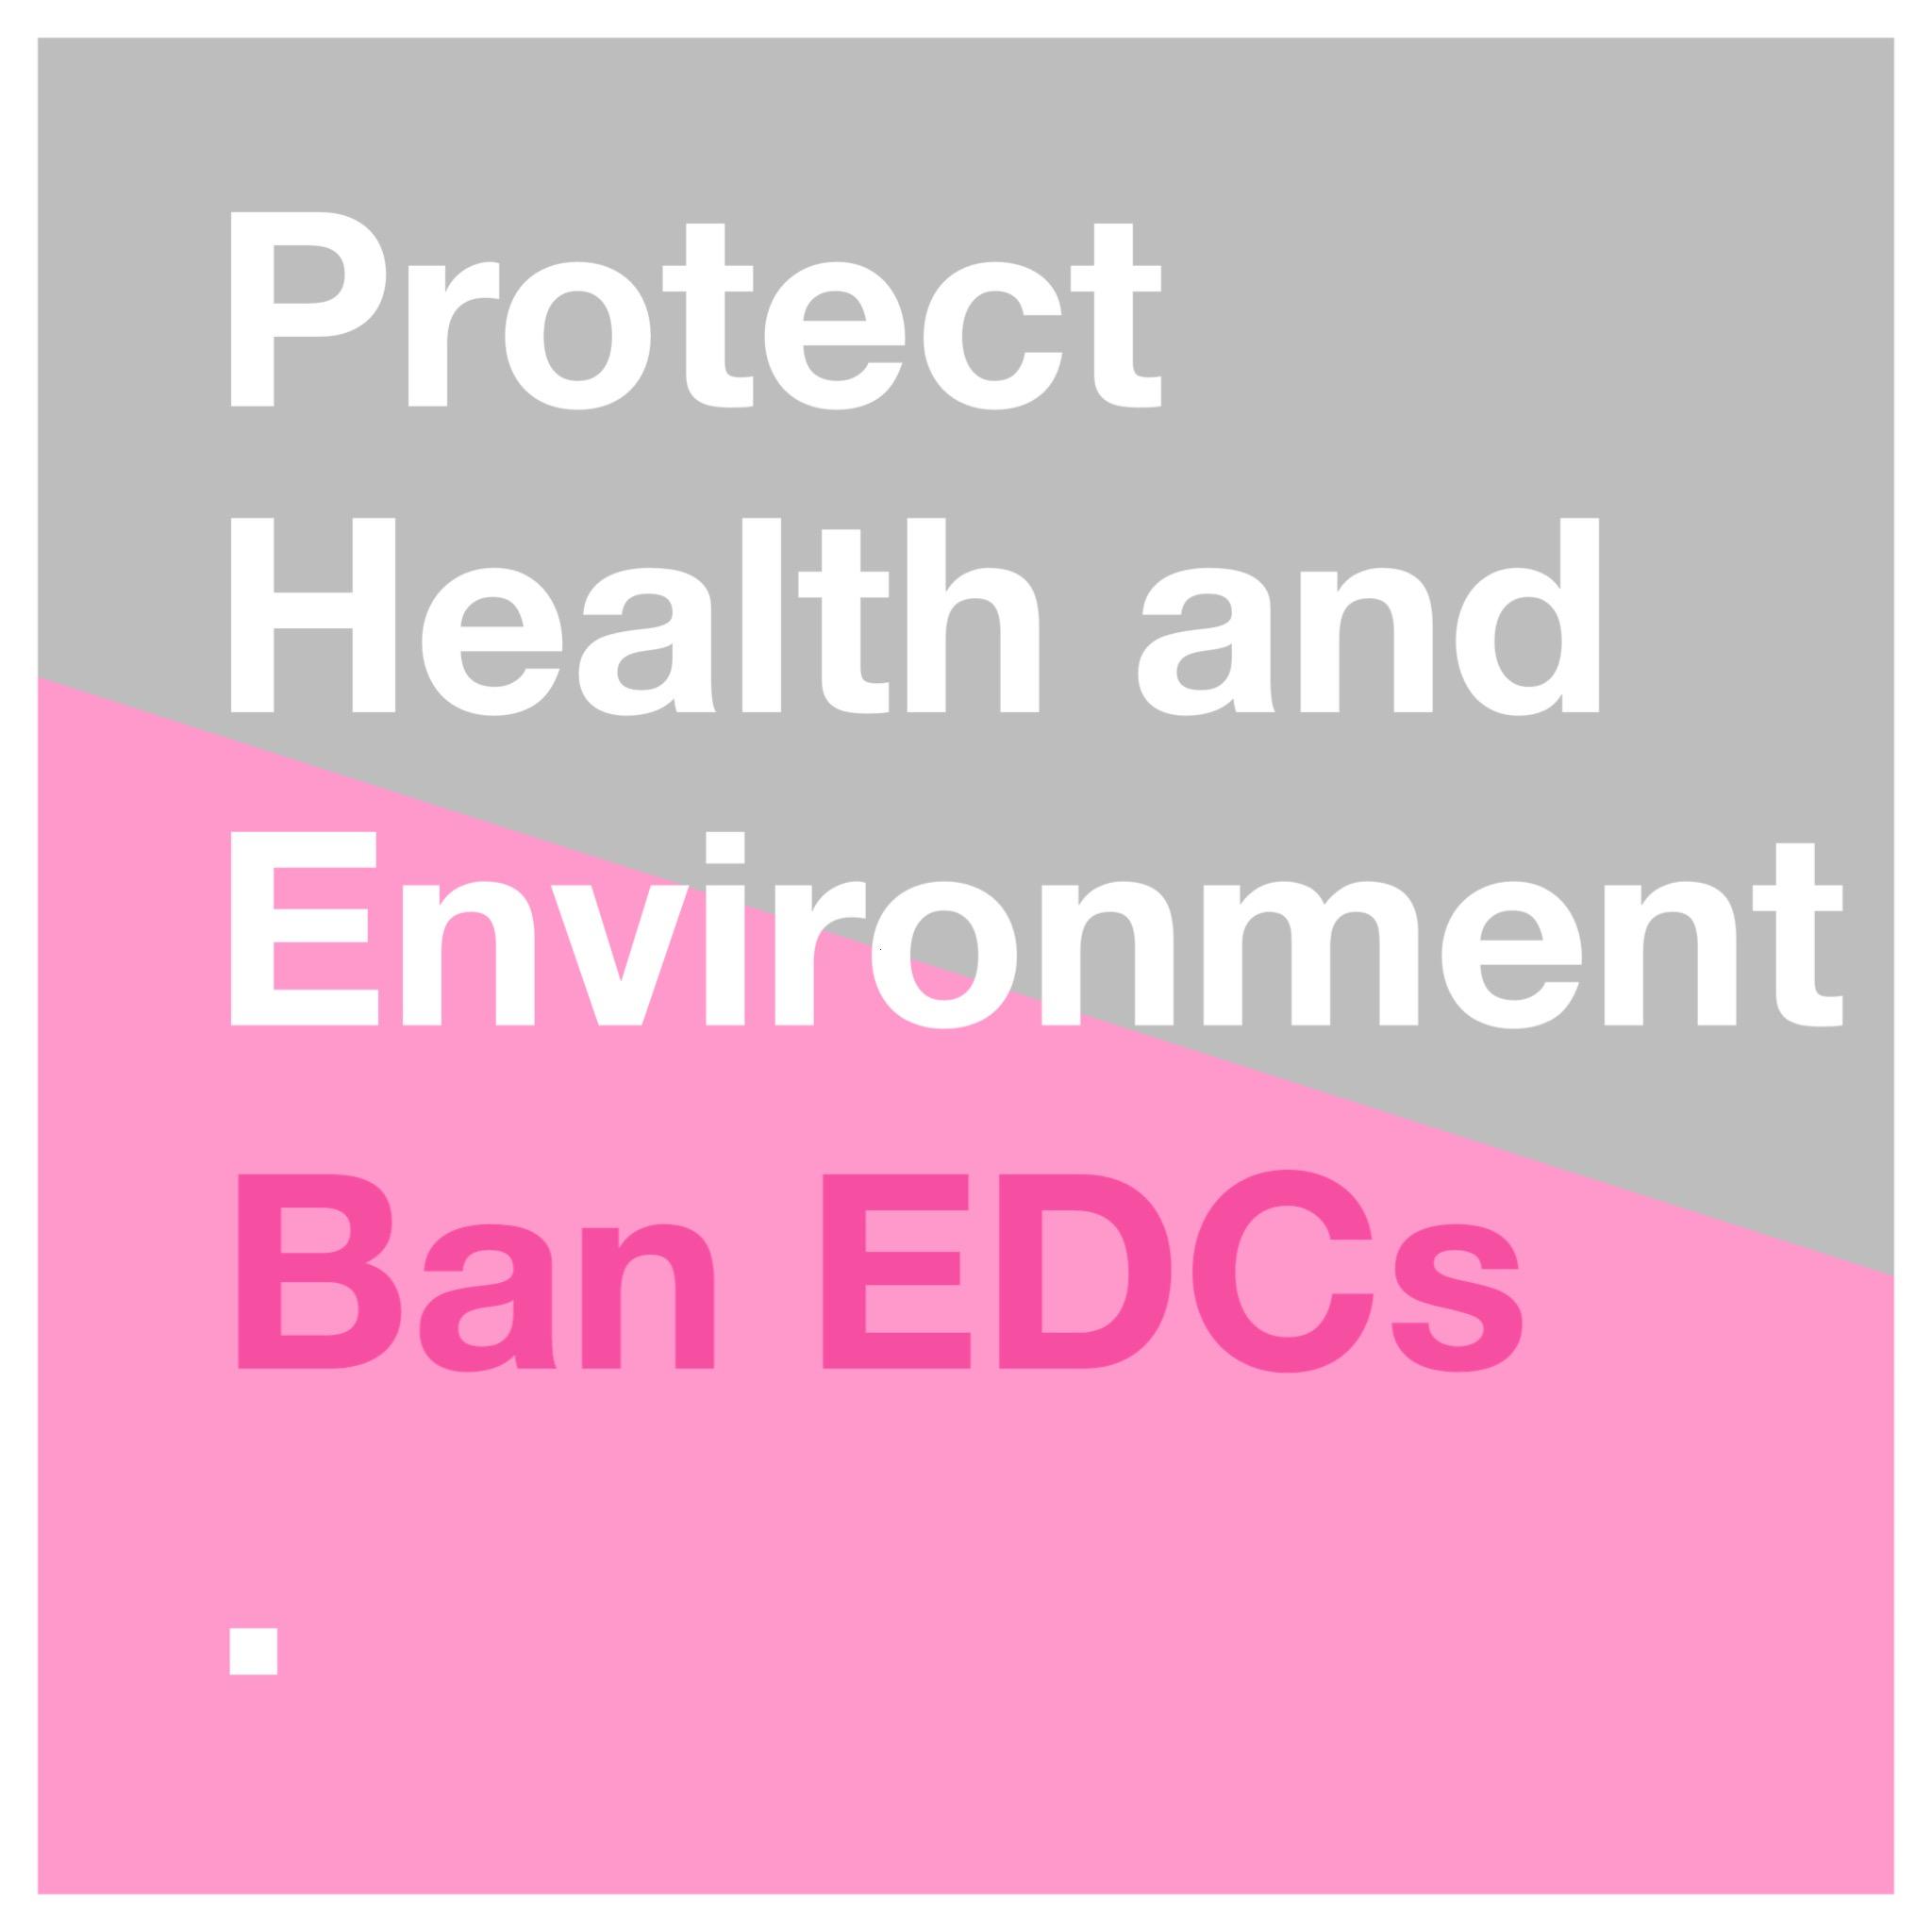 NGO Bündnis veröffentlich gemeinsame Stellungnahme zu EDCs